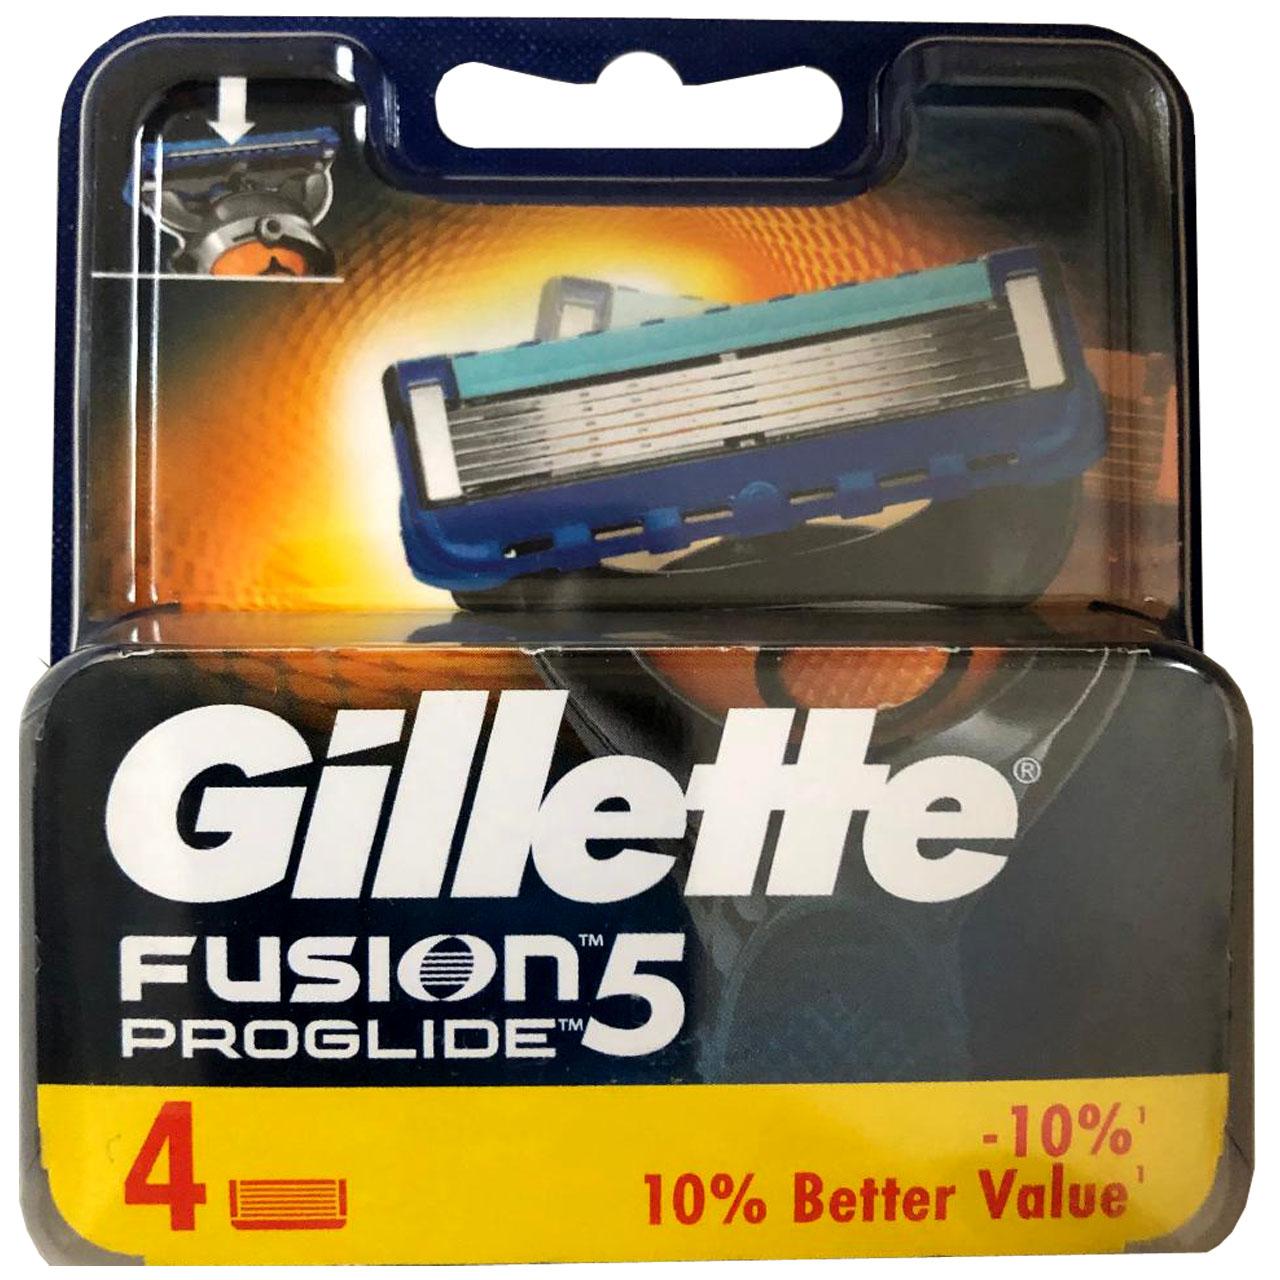 تیغ یدک ژیلت مدل Fusion 5 Proglide بسته 4 عددی thumb